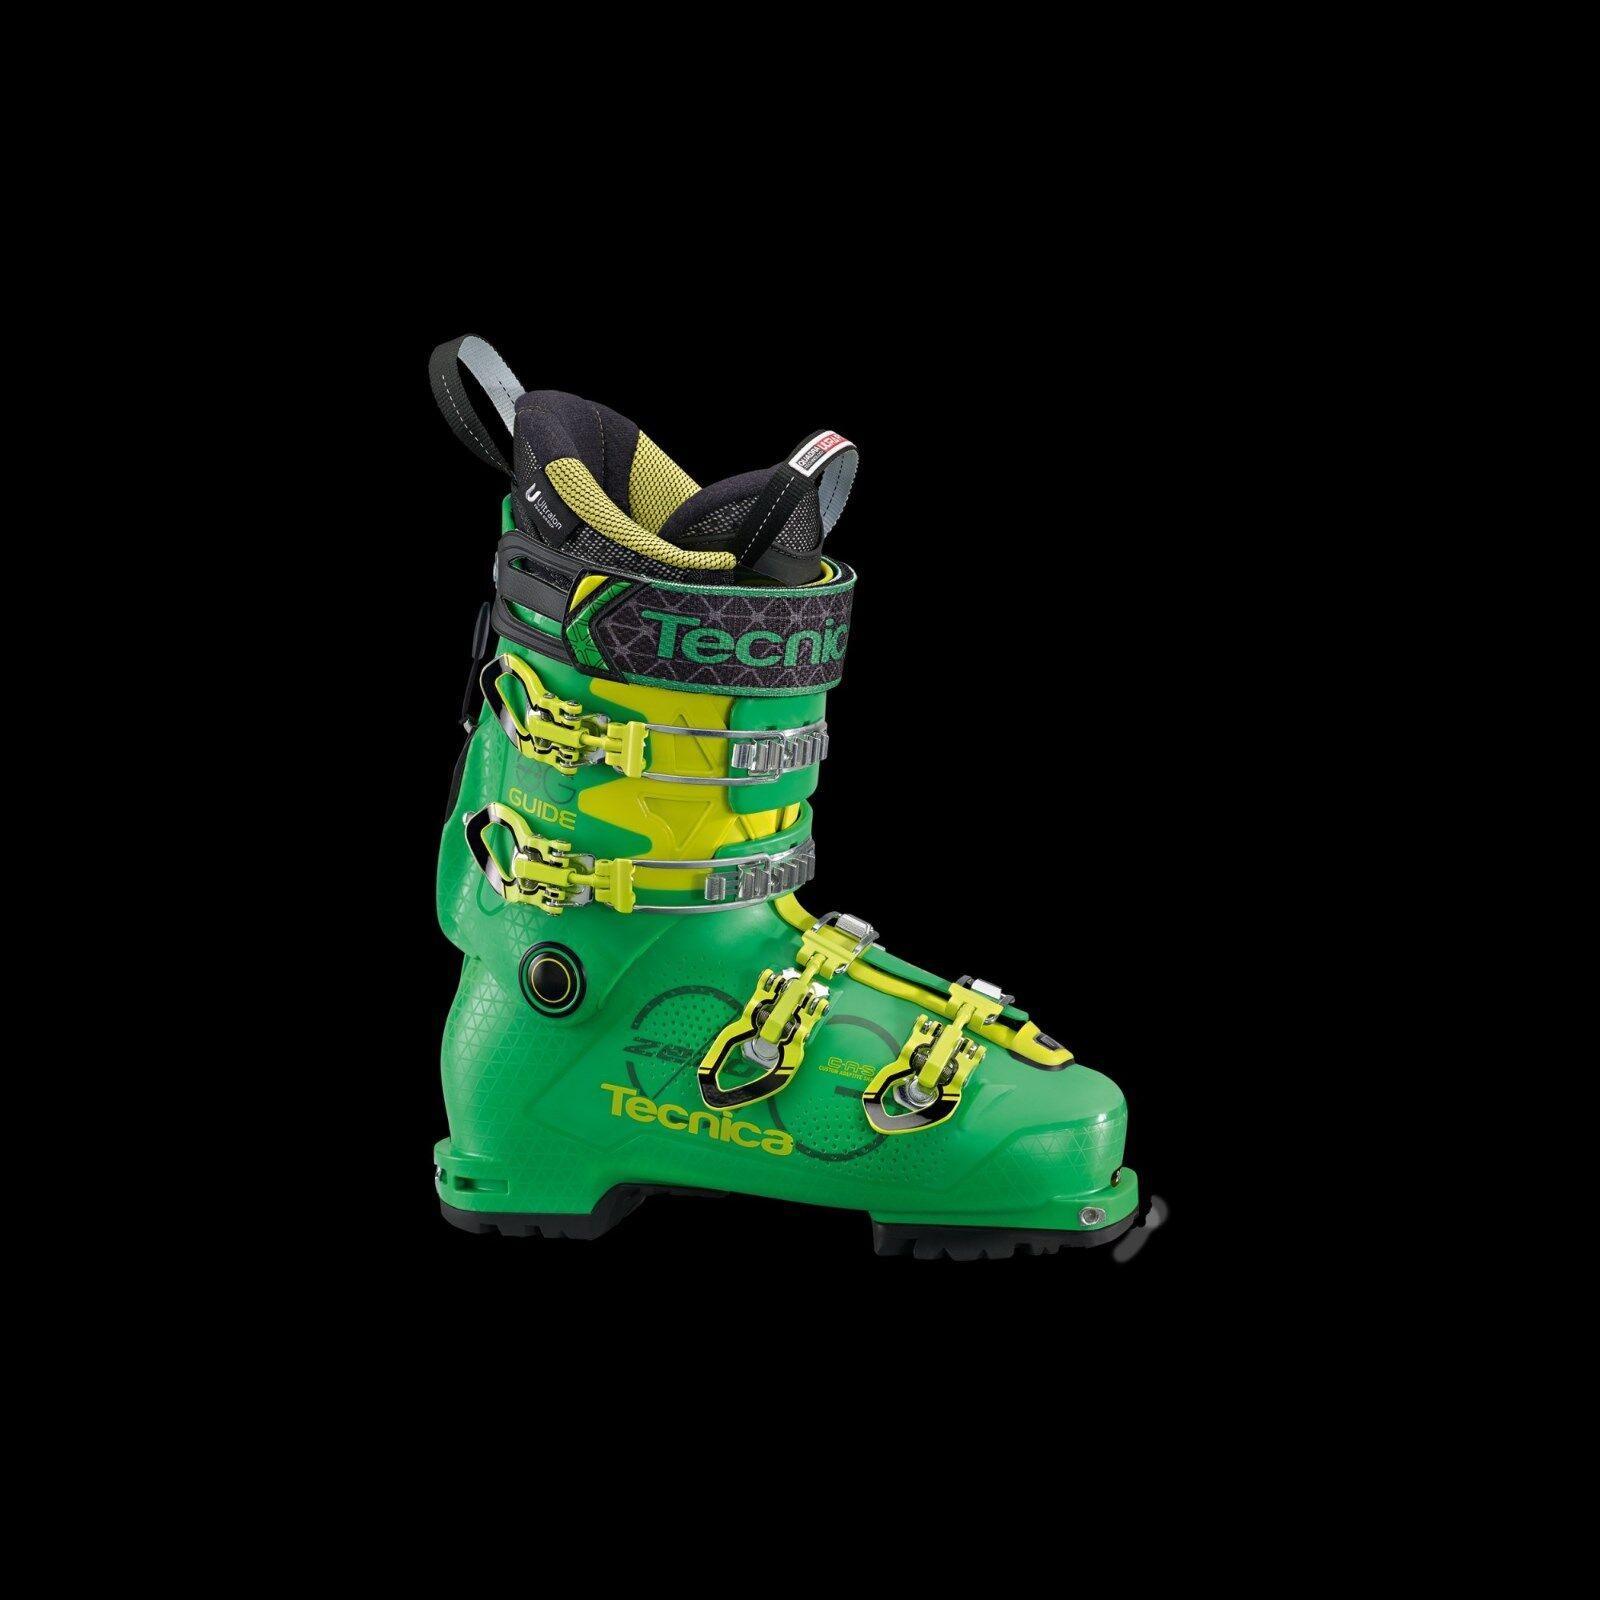 TECNICA Herren Tourenskischuh, Tourenstiefel ZERO G GUIDE Skischuh 17 18 NEU